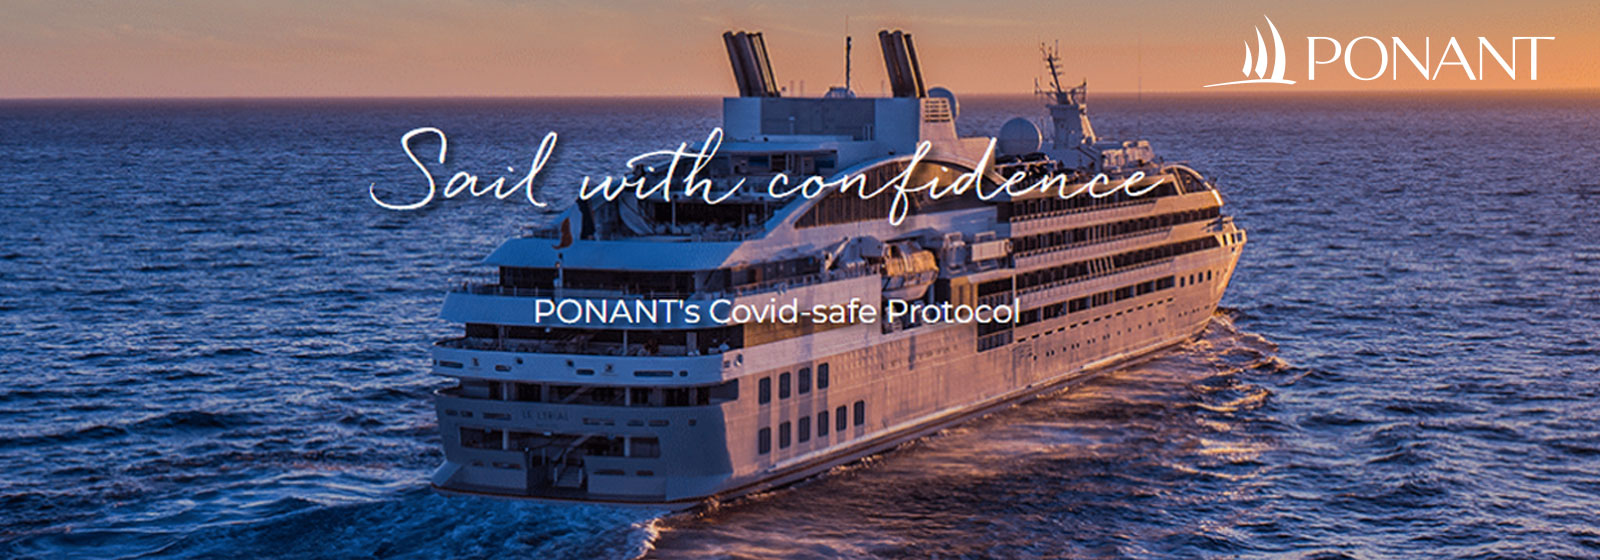 ponant-confidence